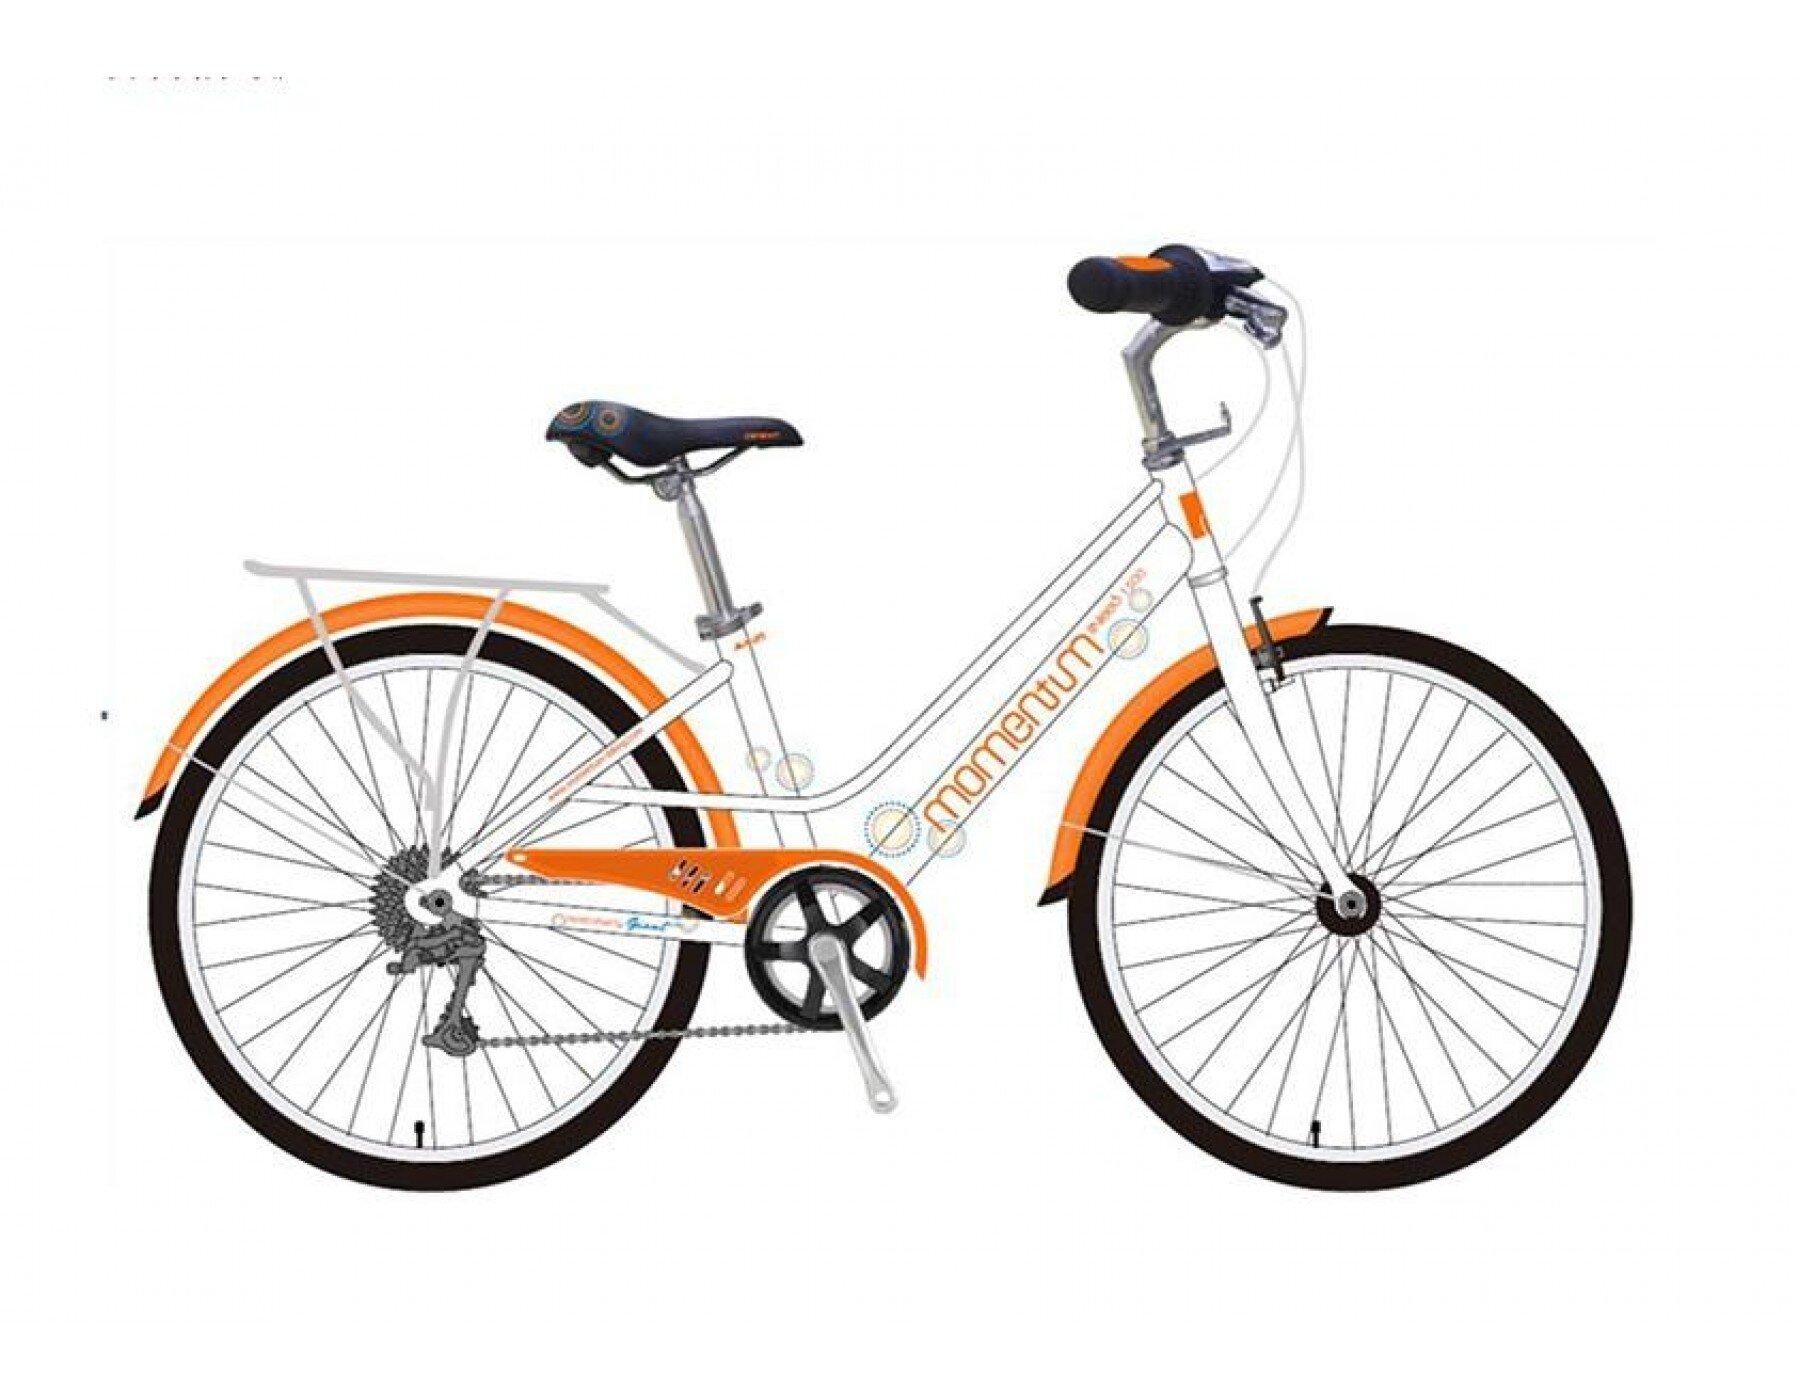 3 mẫu xe đạp thể thao Giant Momentum Ineed giá rẻ cho nữ năm 2017